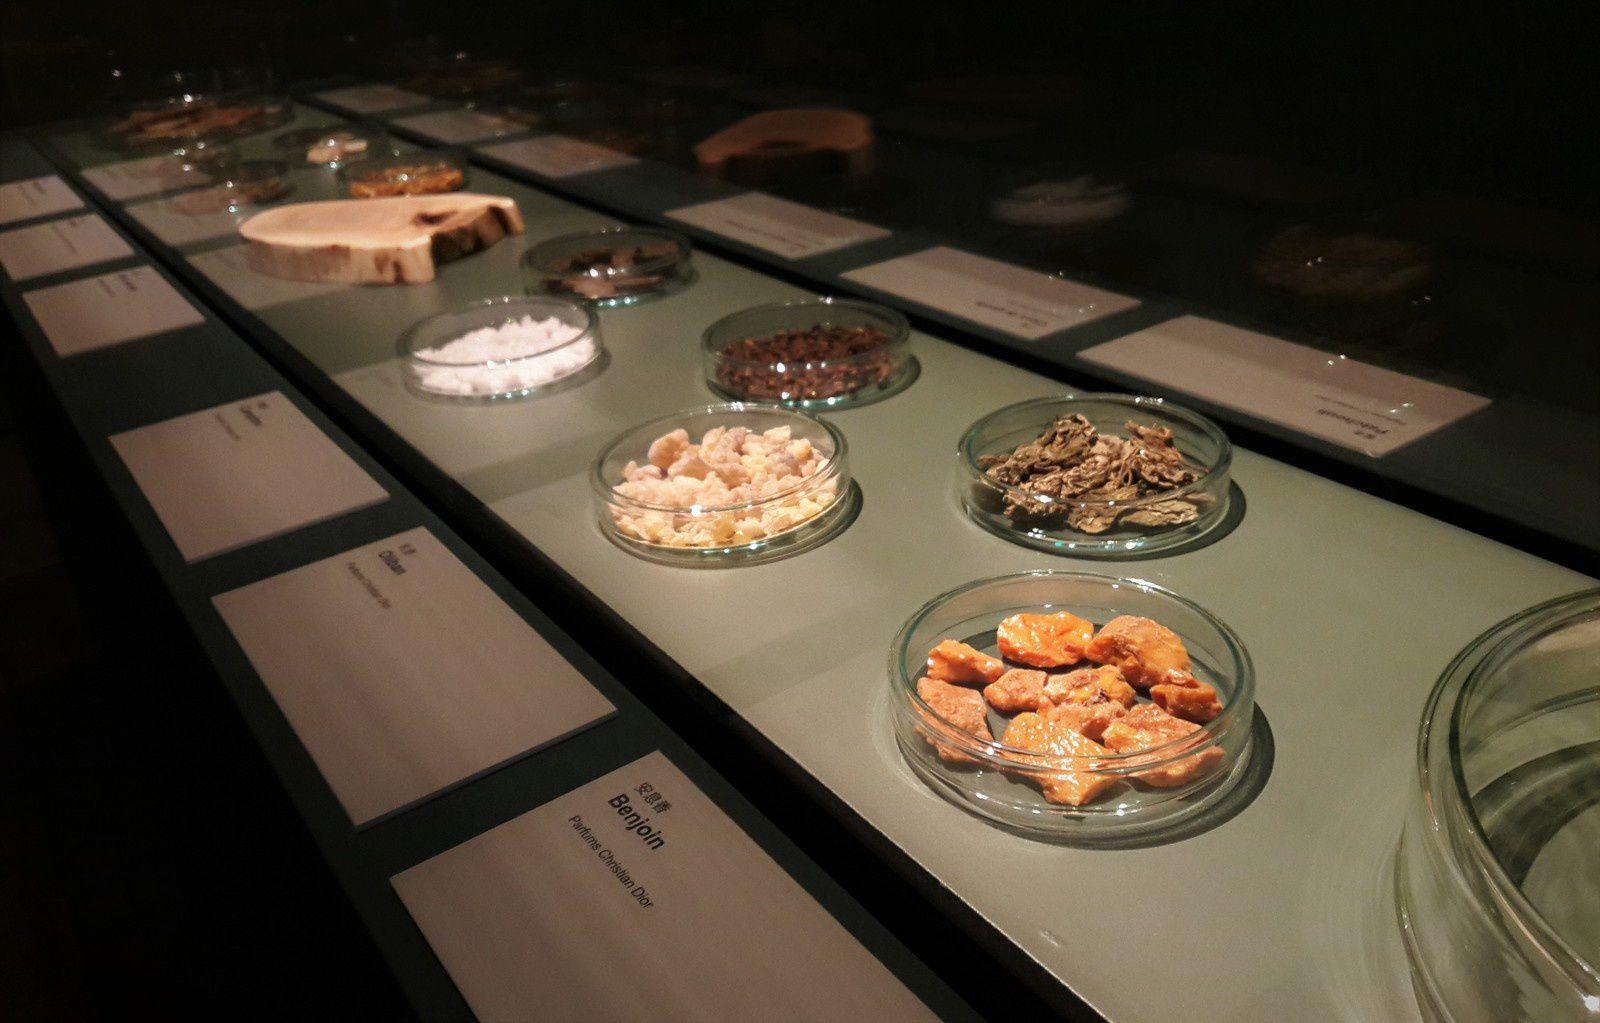 Avis exposition : Parfums de Chine - La culture de l'encens au temps des empereurs - Musée Cernuschi Paris - Le blog d'Akialam